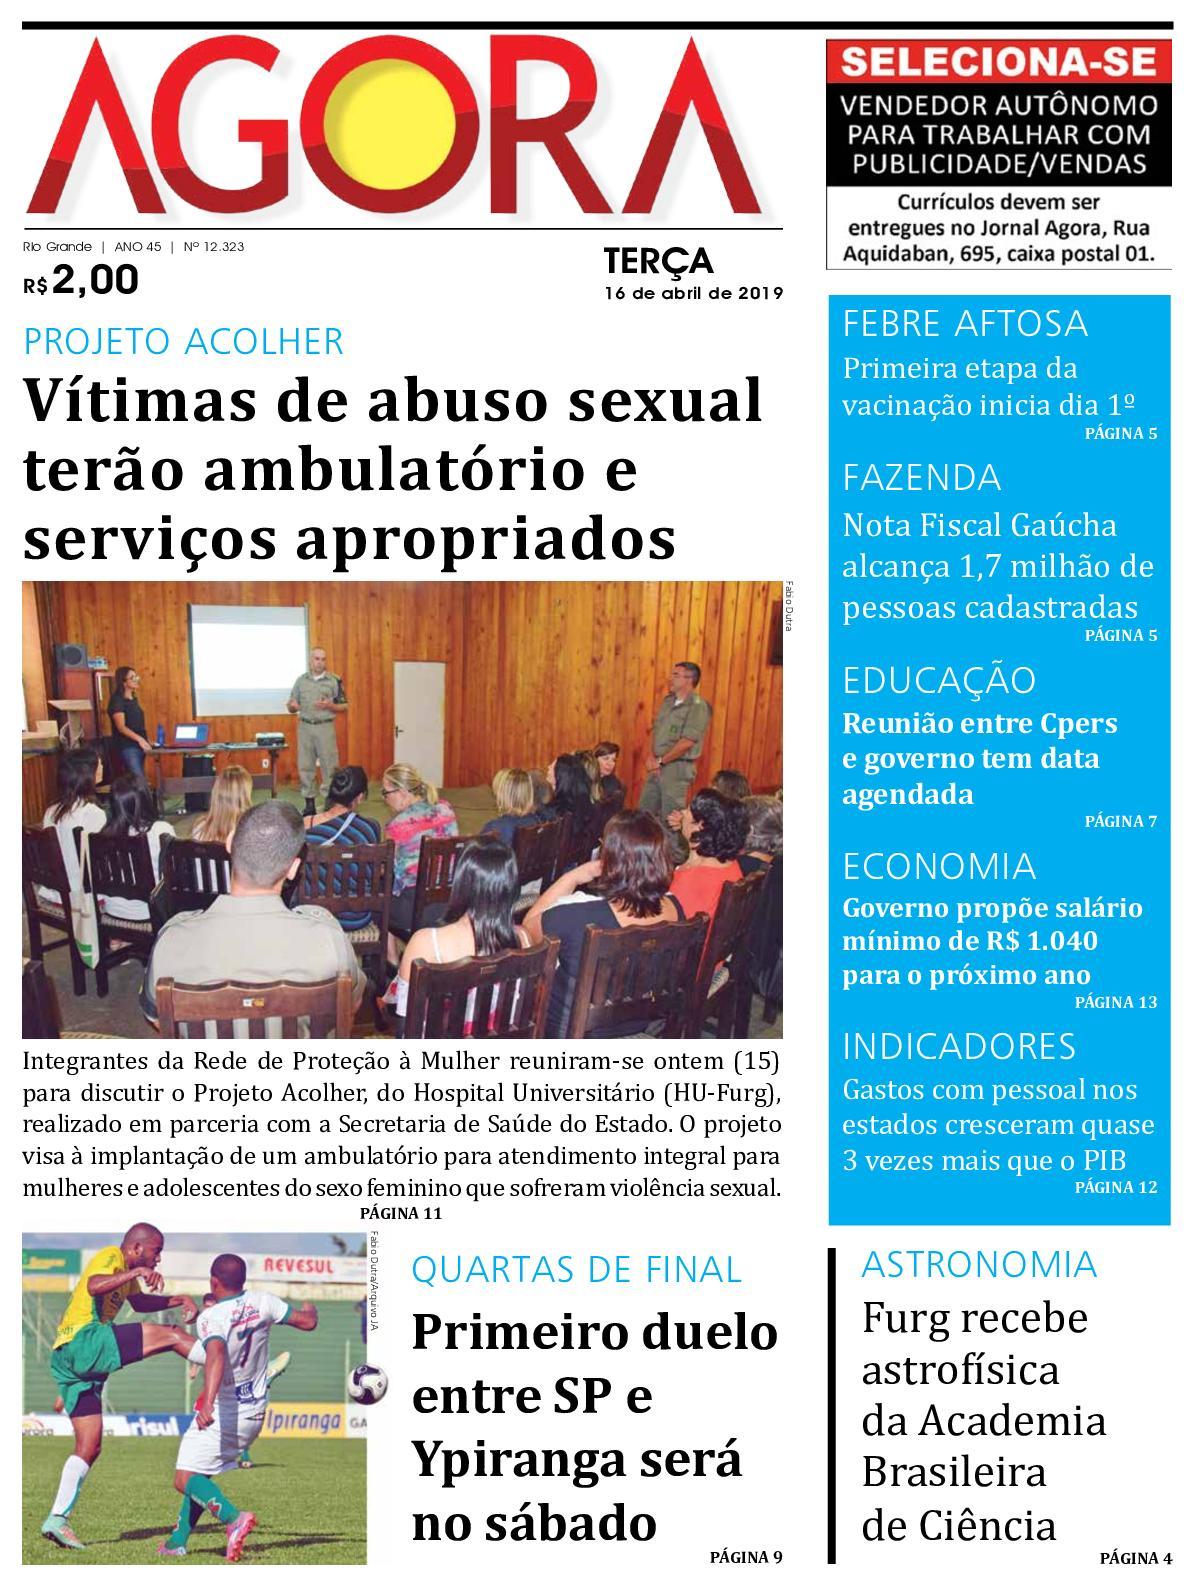 Jornal Agora - Edição 12323 - 16 de Abril de 2019